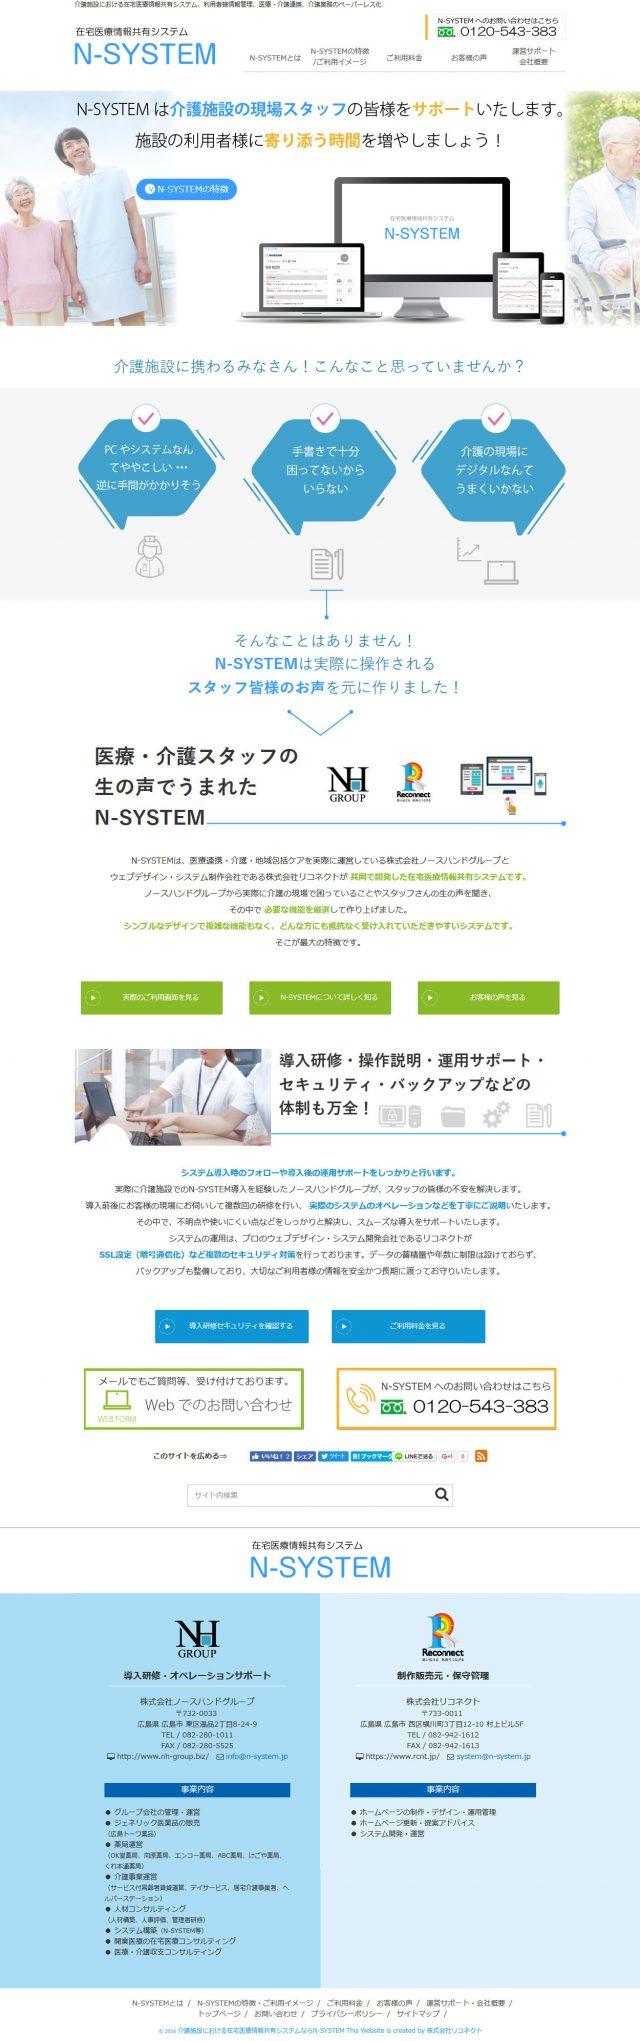 在宅医療情報共有システム介護施設に N-SYSTEM